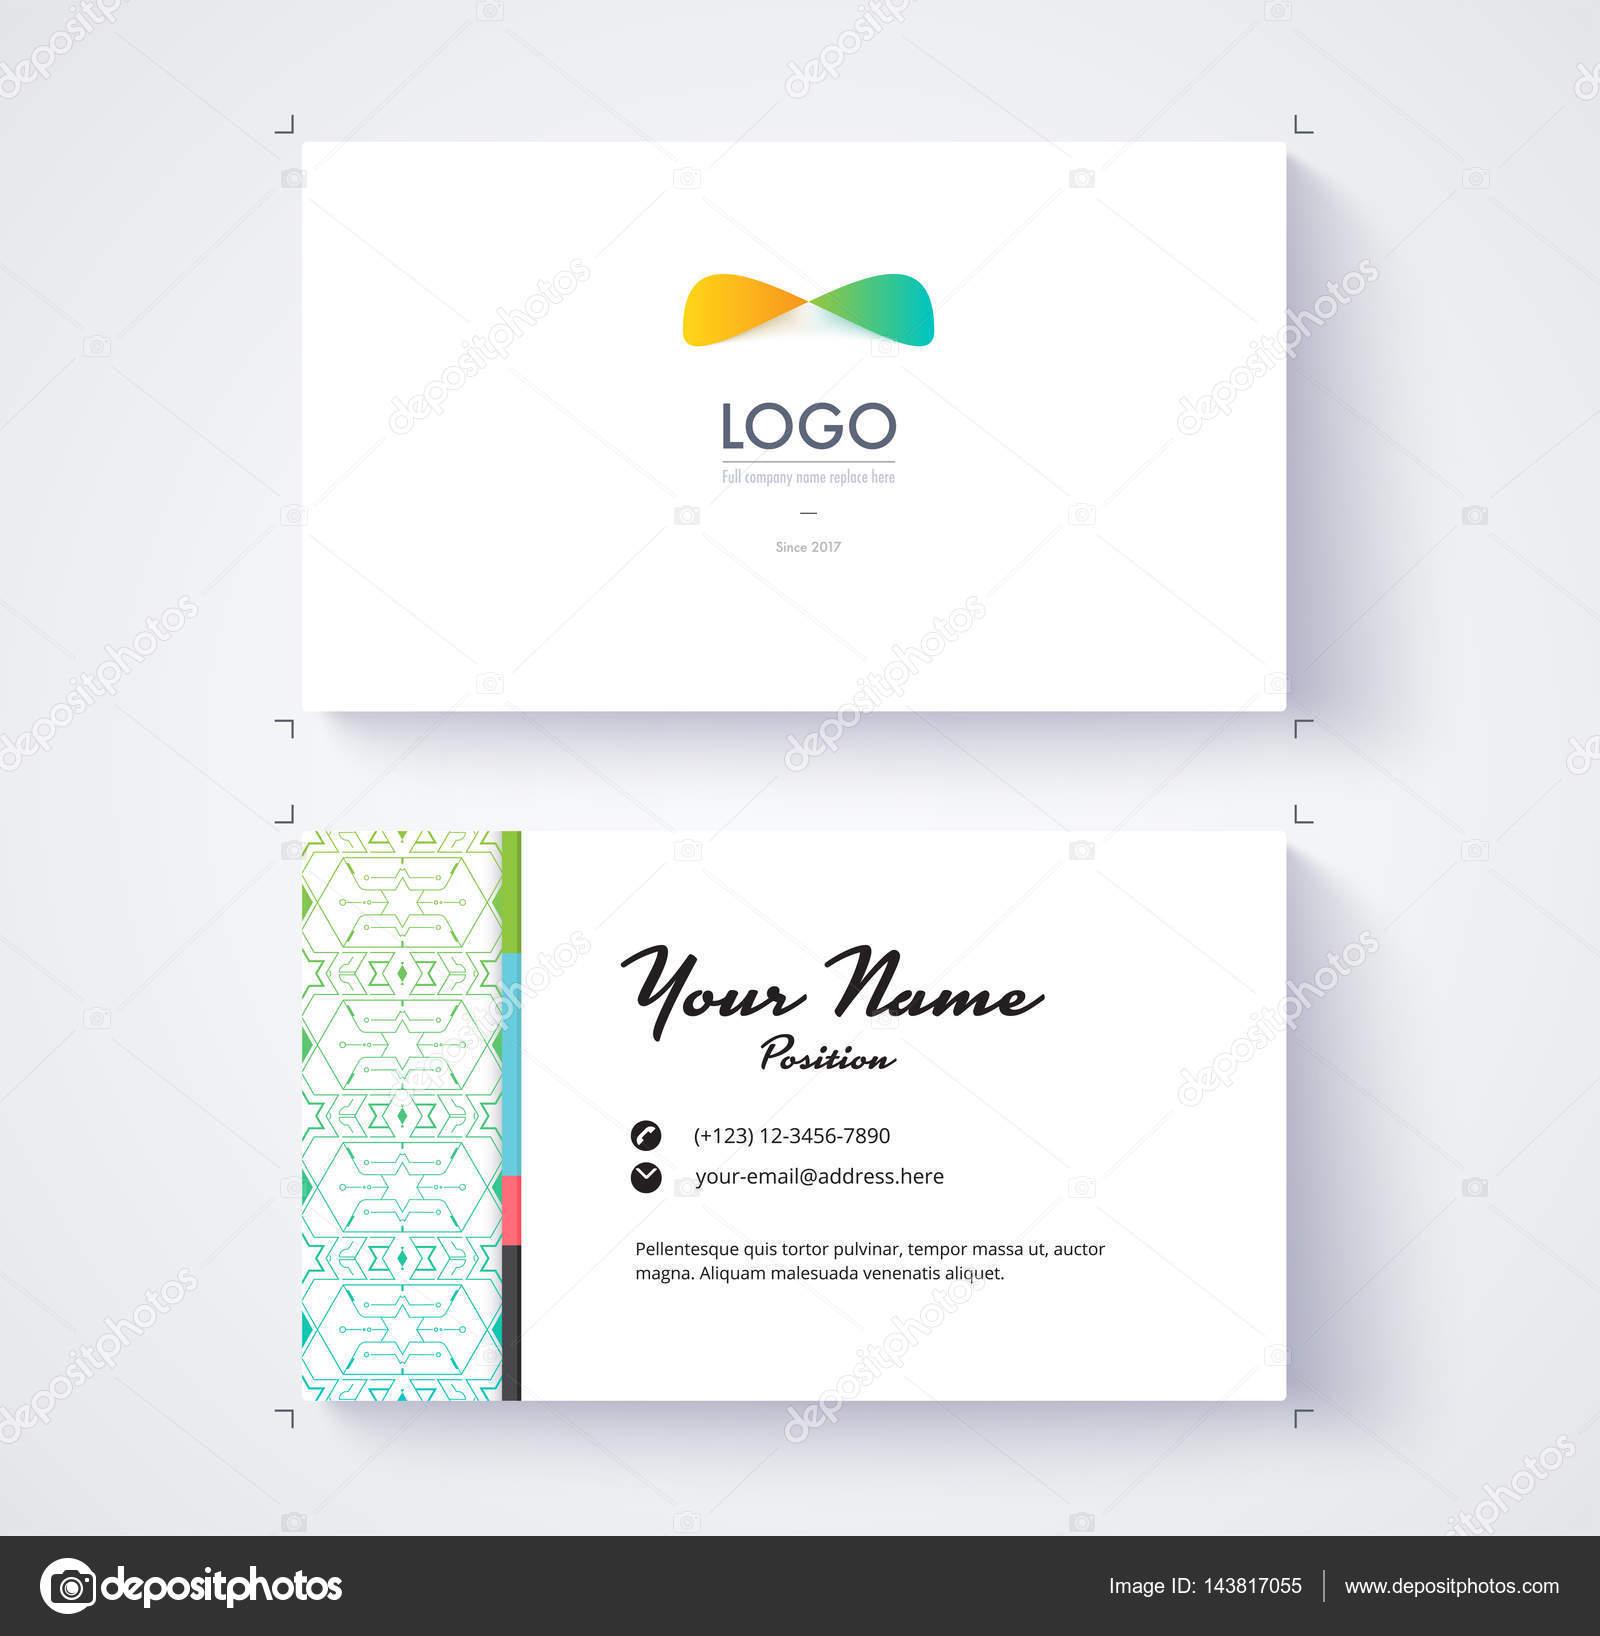 Modele De Carte Visite Exemple Logo Et Texte Position Vecteur Par